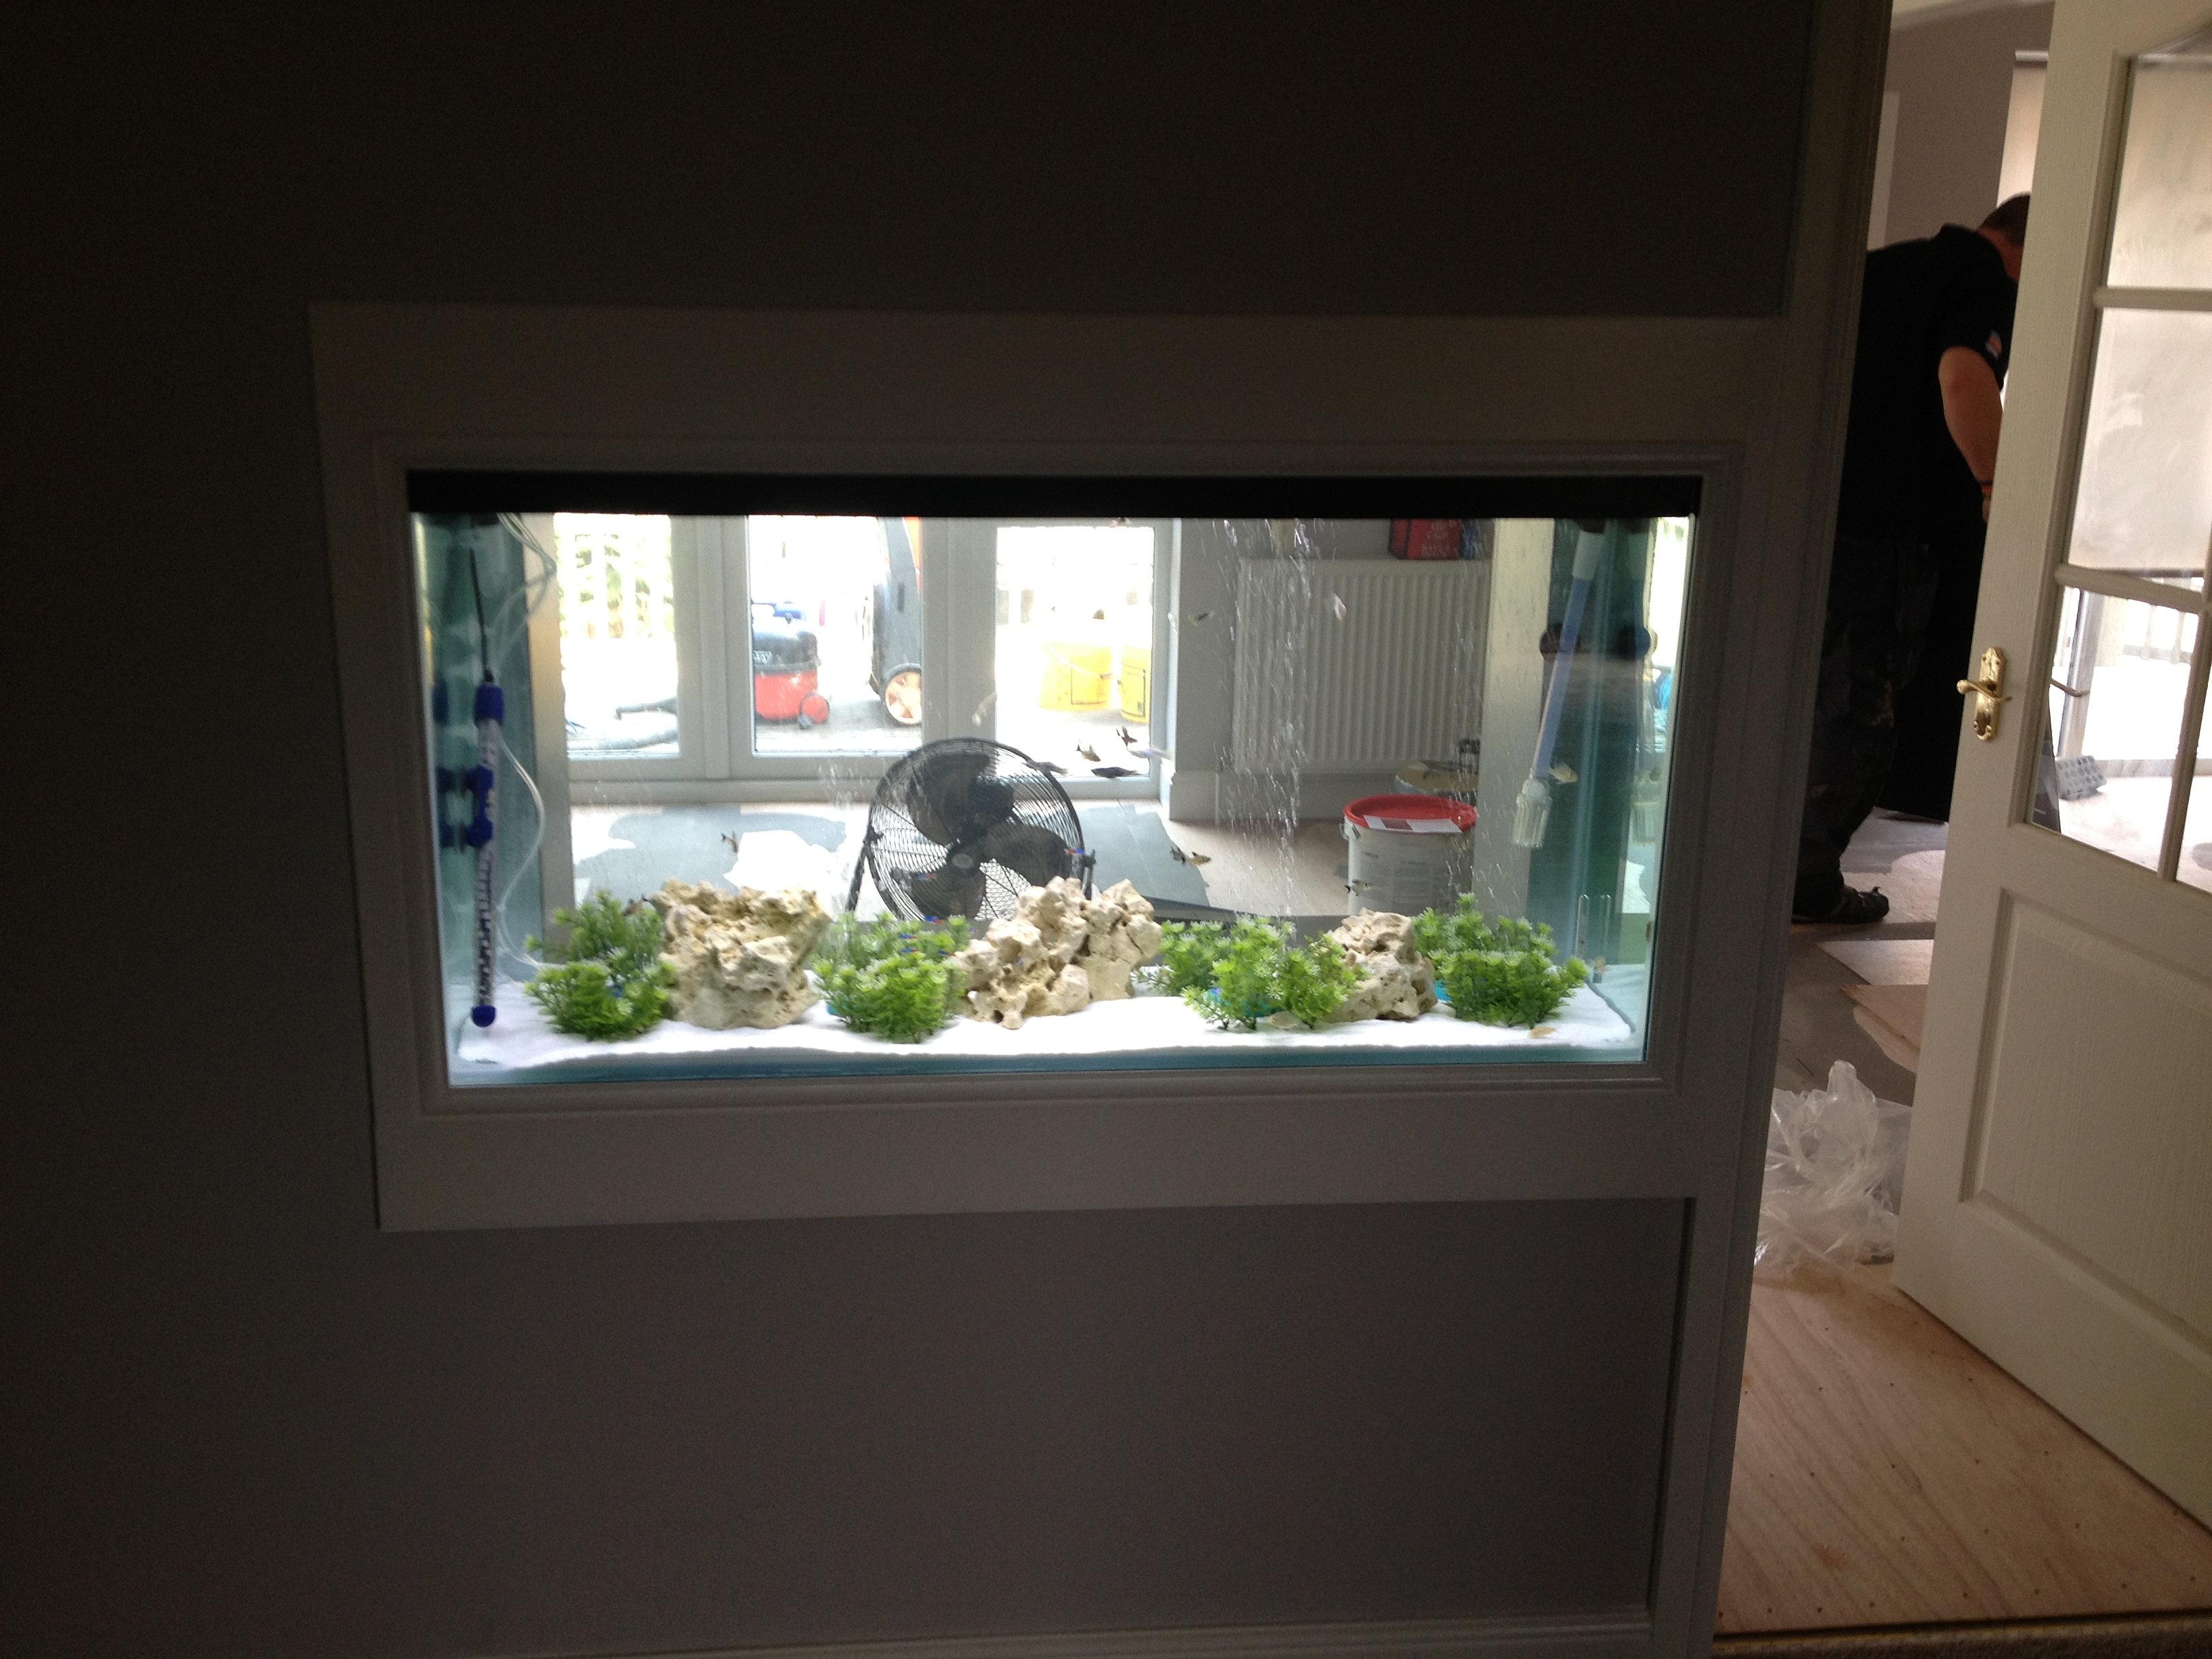 DC Aquariums UK Custom Aquarium And Vivarium Manufacturer - Home aquarium design